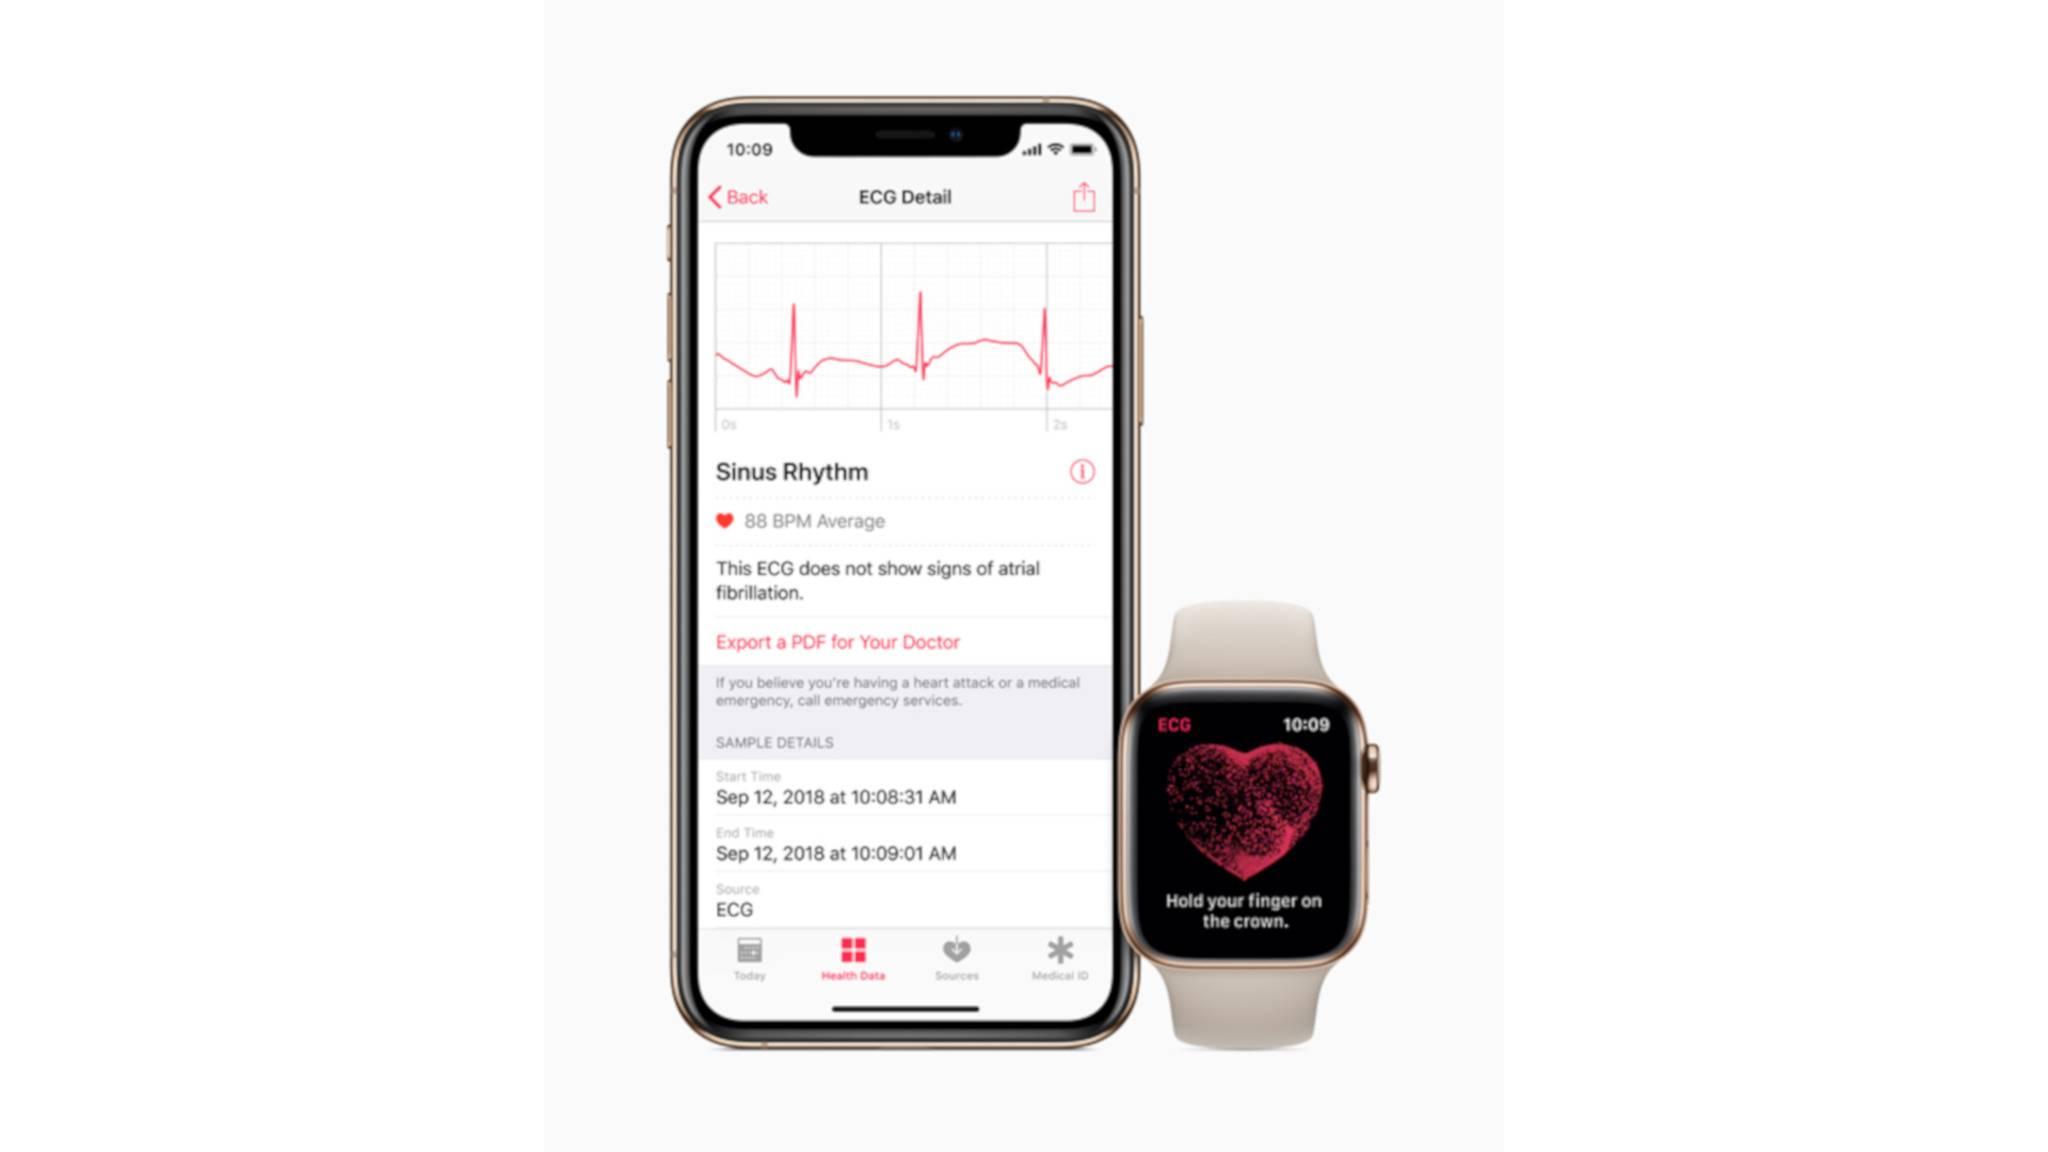 Mit watchOS 5.1.2 ist jetzt auch die EKG-App auf der Apple Watch verfügbar – vorerst aber nur in den USA.